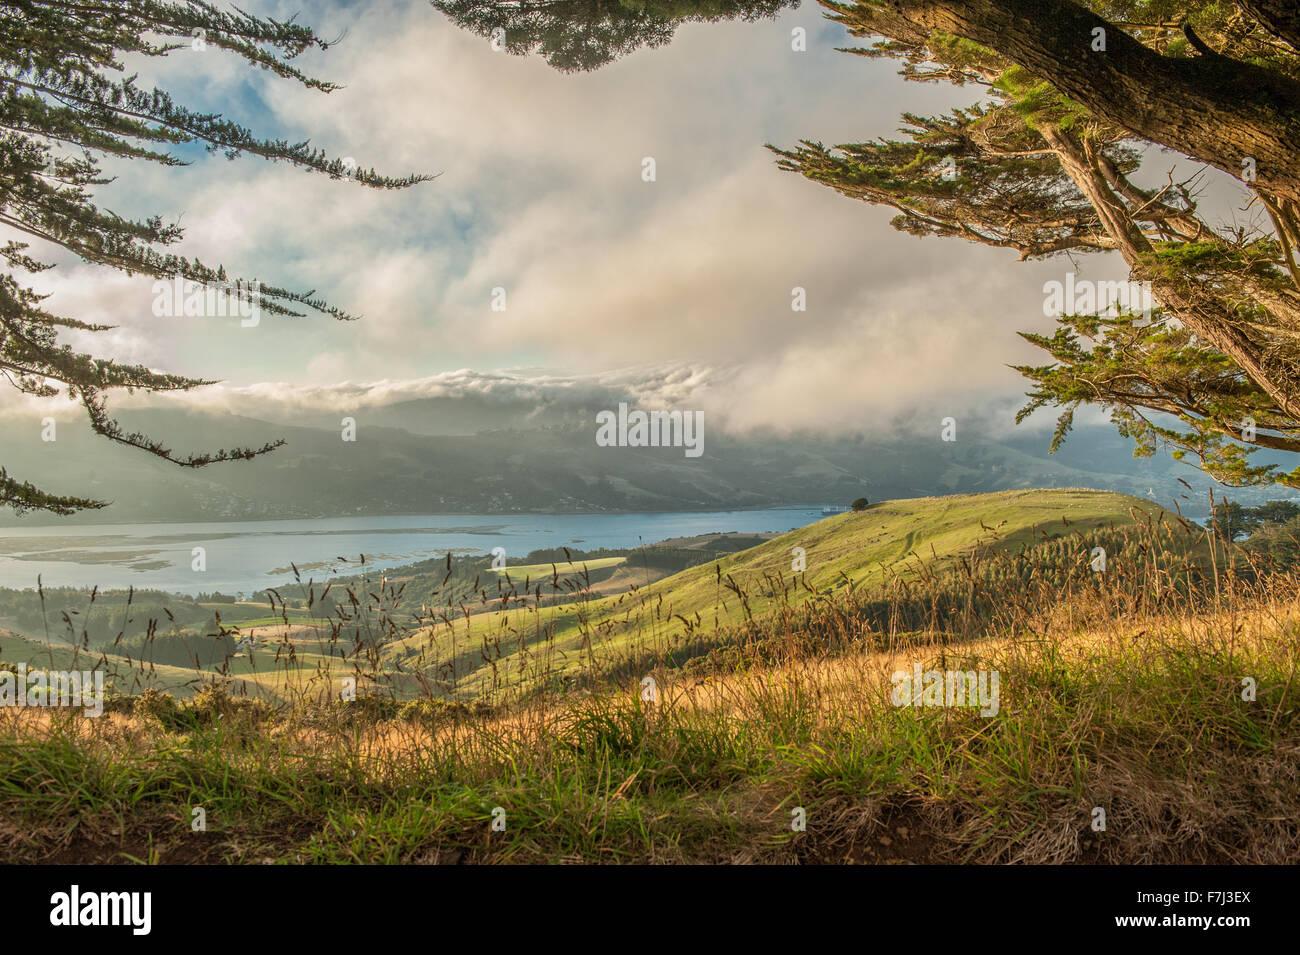 Pâturages de Péninsule d'Otago, île du Sud, Nouvelle-Zélande Banque D'Images